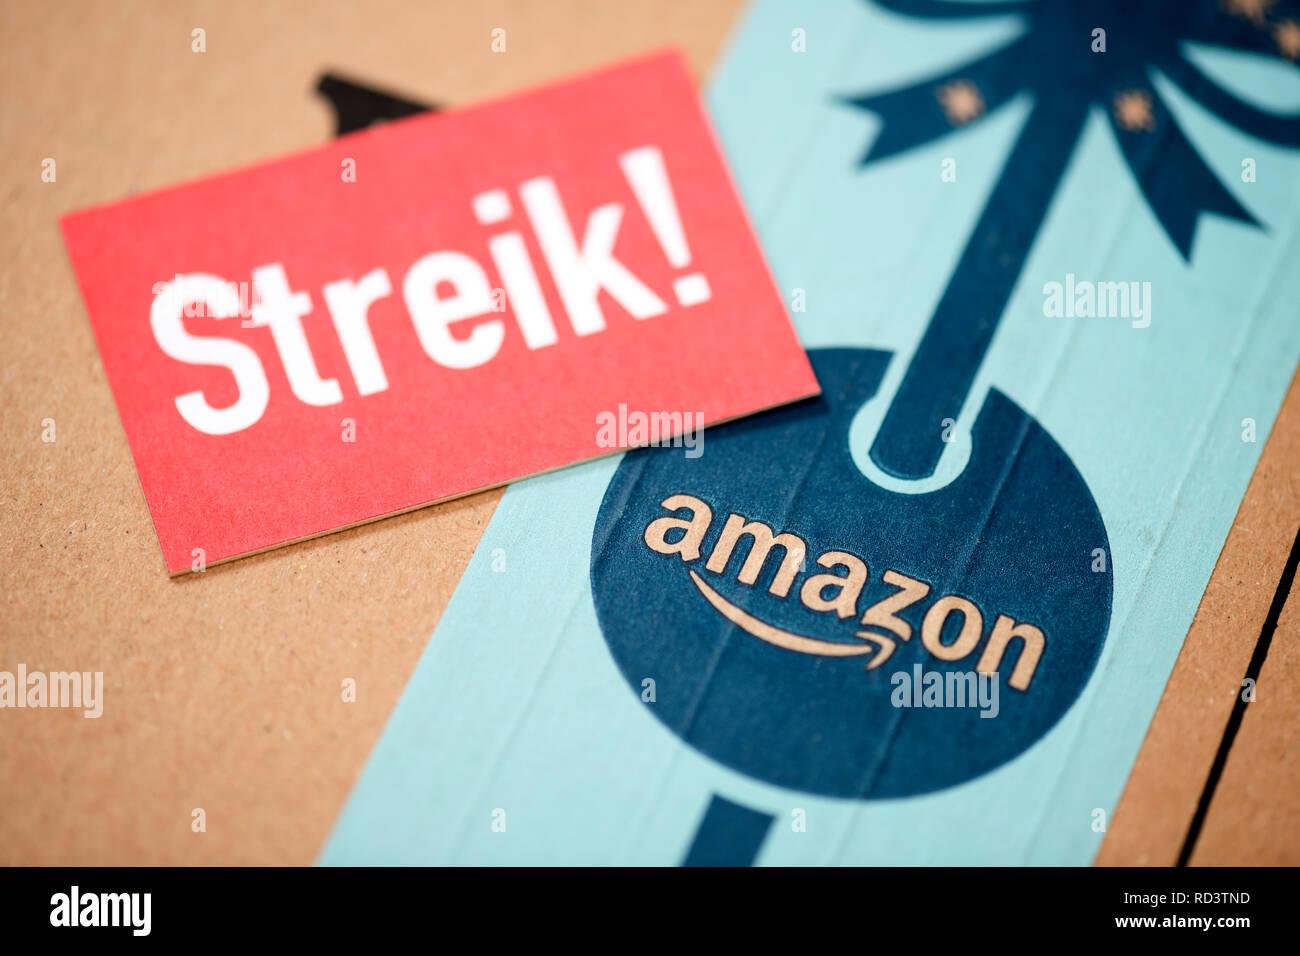 Strike sign on Amazon package, Streik-Schild auf Amazon-Paket - Stock Image